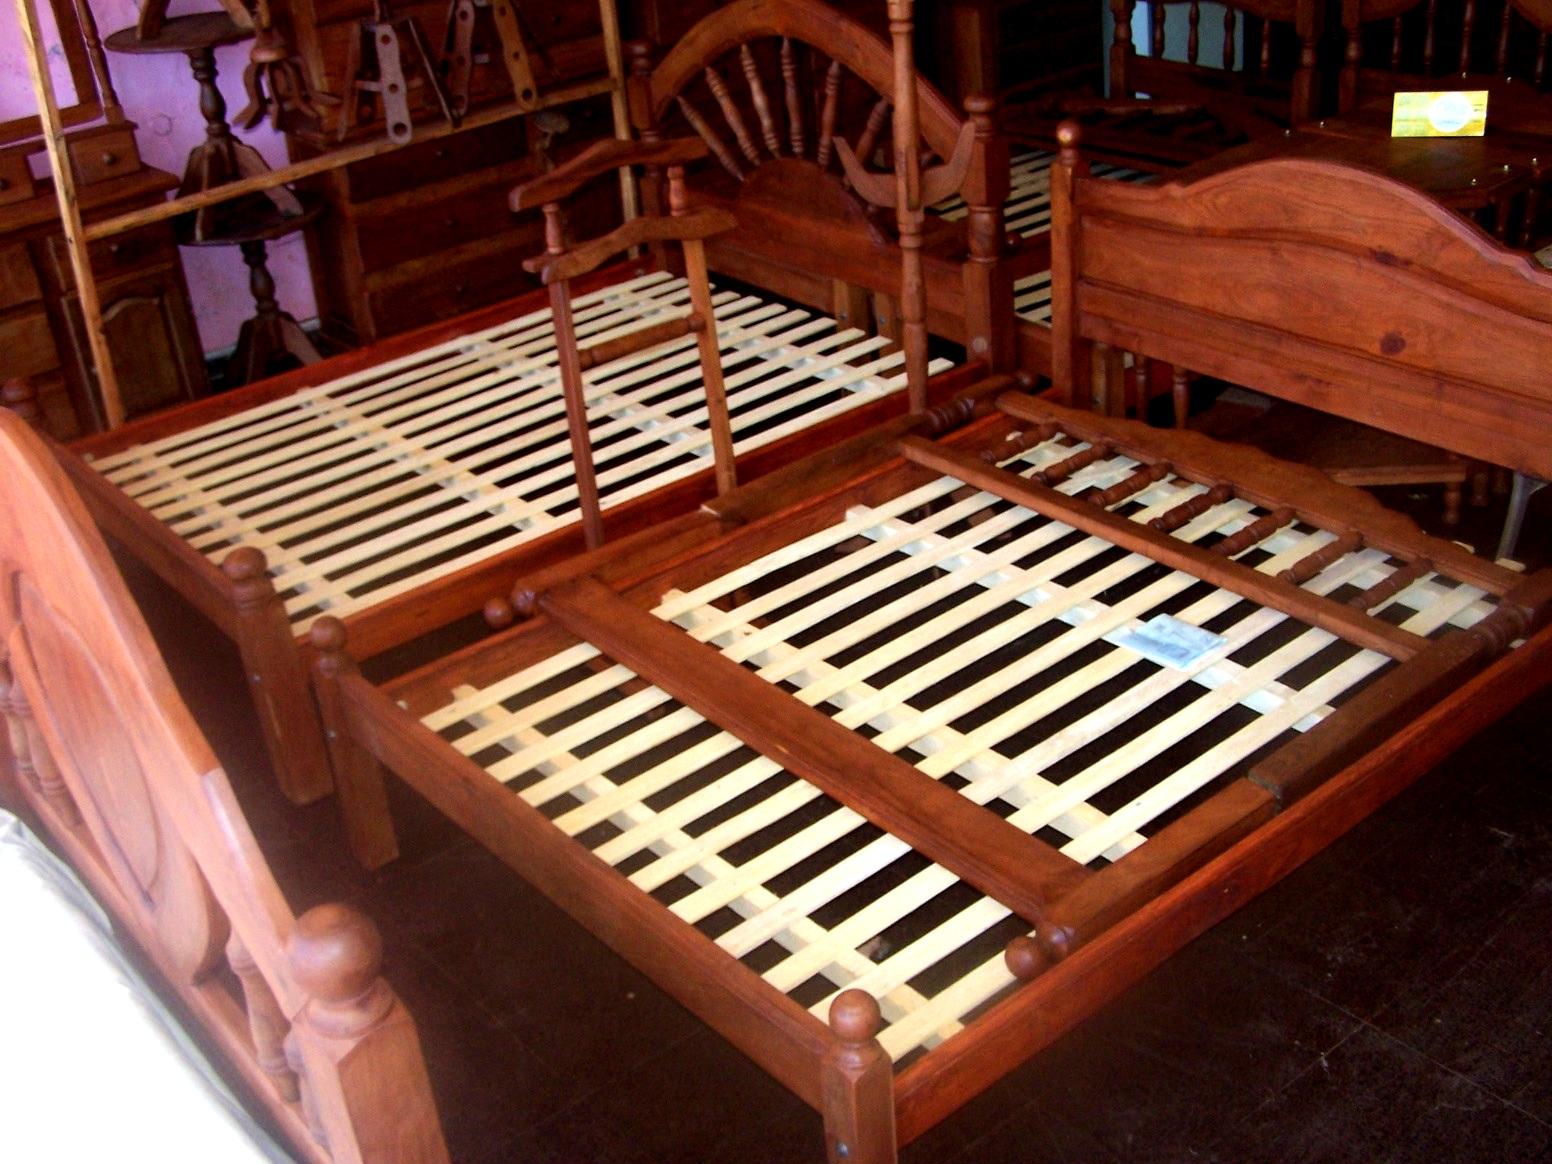 Muebles de algarrobo chaco fotos y precios - Muebles zapateros precios ...